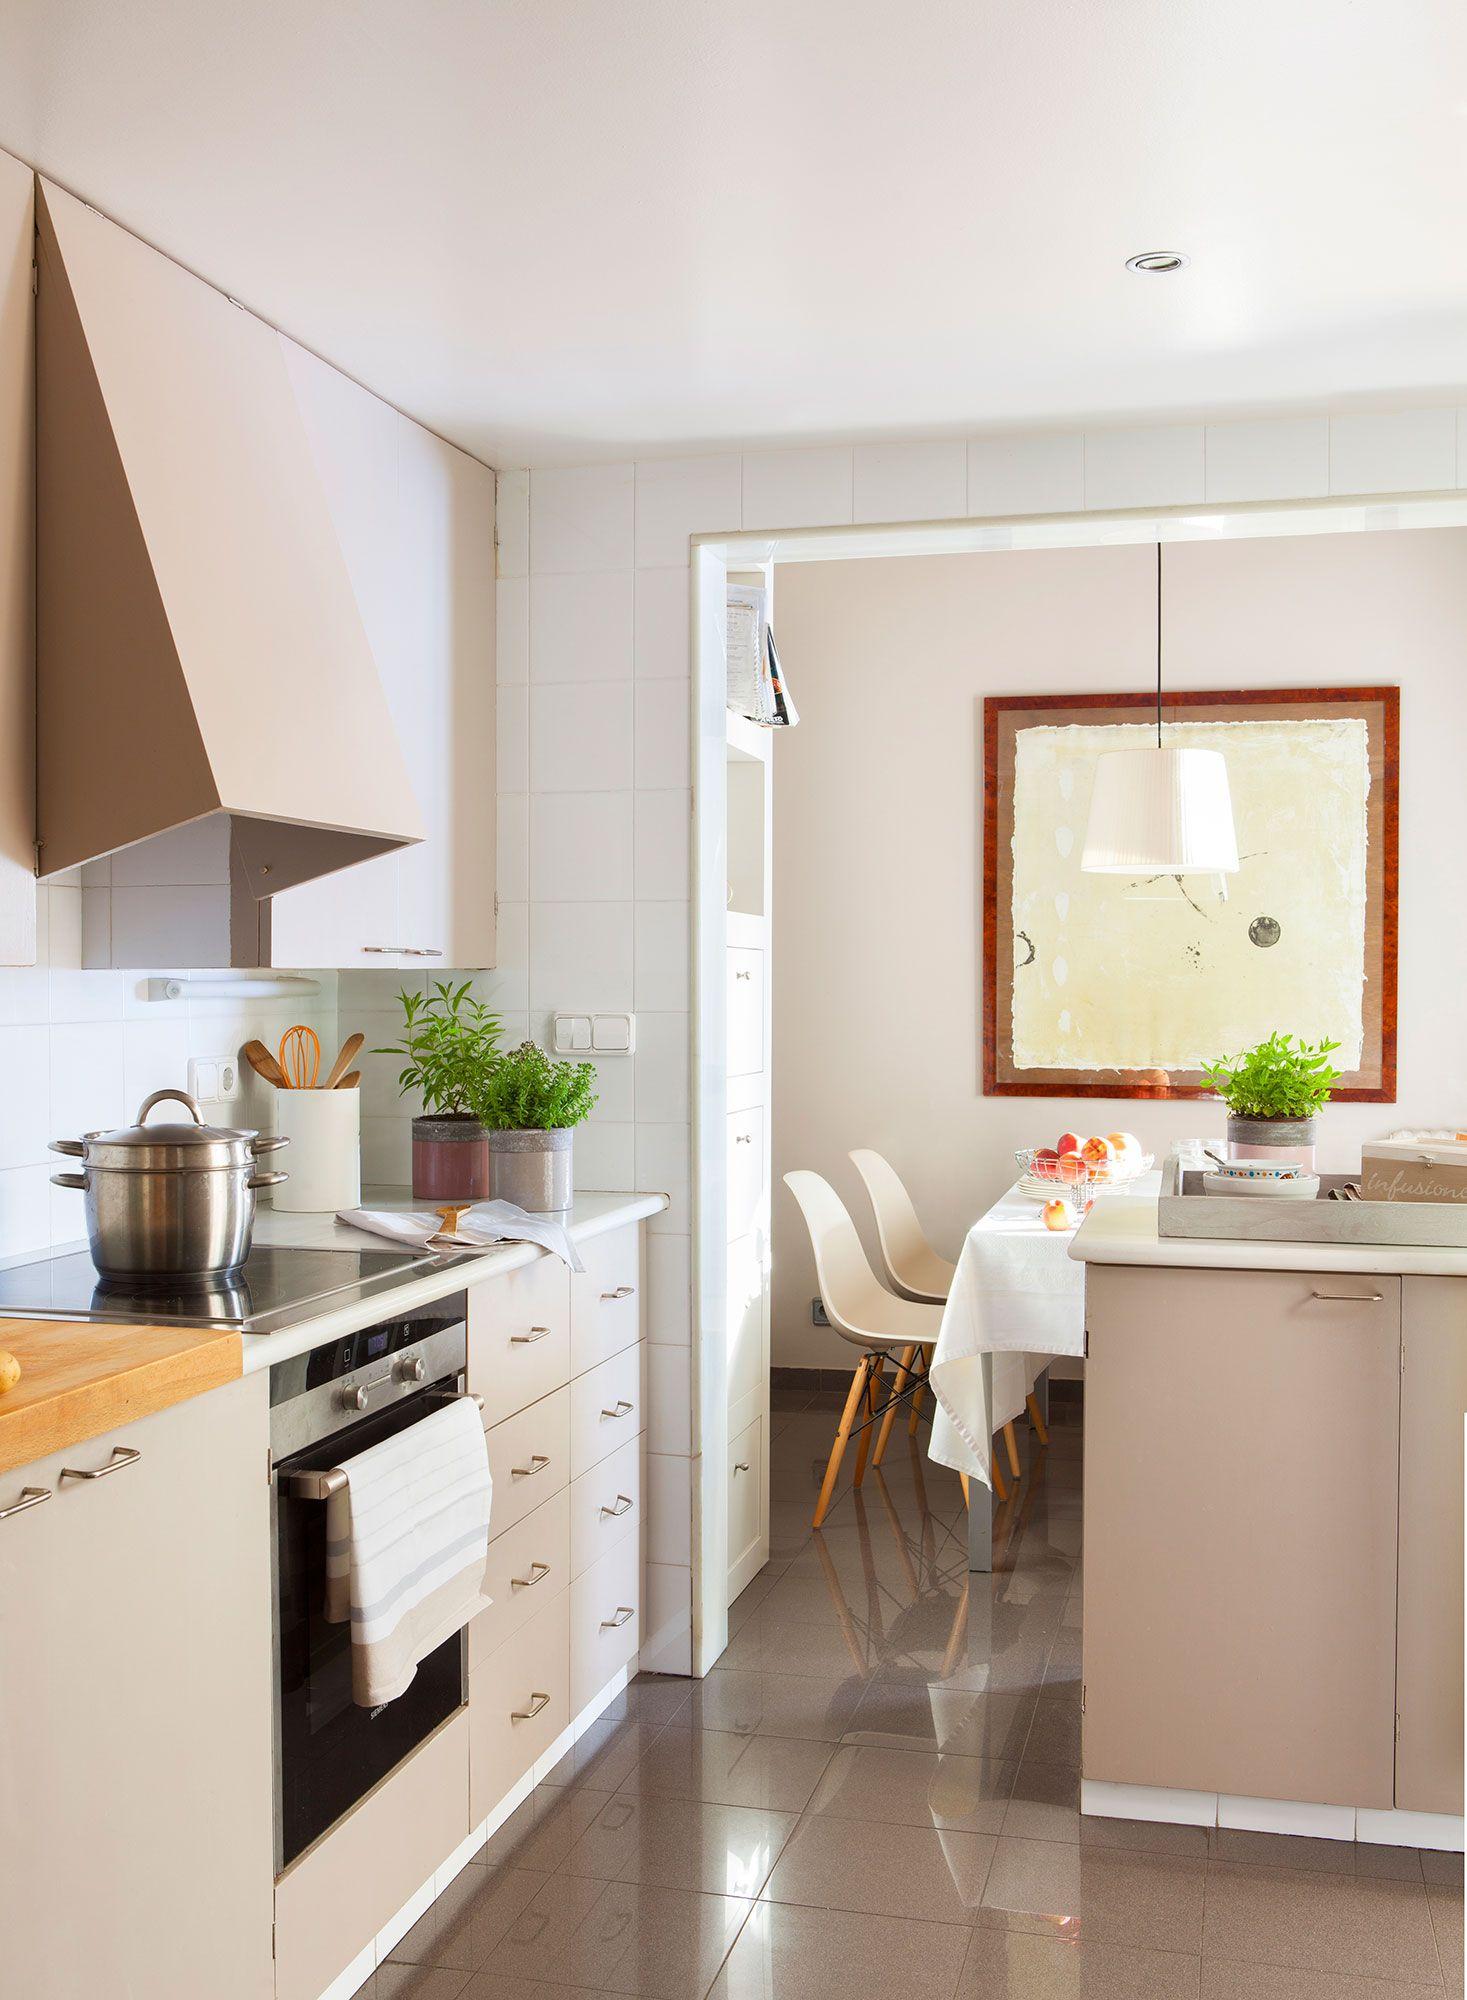 Renovar la cocina sin obras 10 reformas low cost - Reformas de cocinas sin obras ...